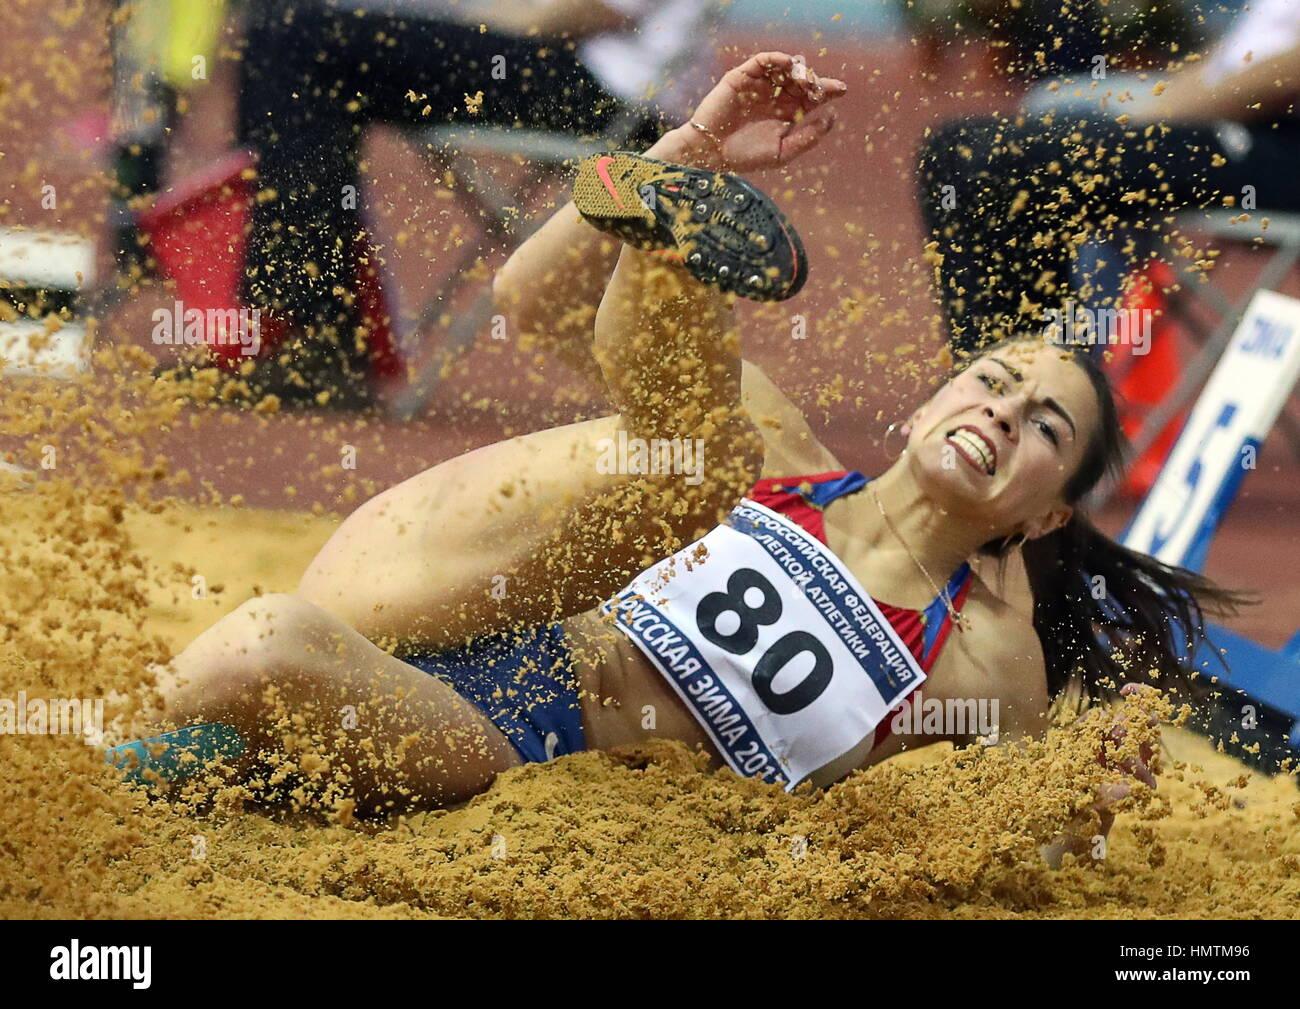 Moscou, Russie. Feb, 2017 5. Marina de l'Buchelnikova La Russie participe à l'événement de saut en longueur à la 26e Fédération internationale d'athlétisme indoor hiver réunion au CSKA Athletics Arena. Credit: Stanislav Krasilninkov/TASS/Alamy Live News Banque D'Images